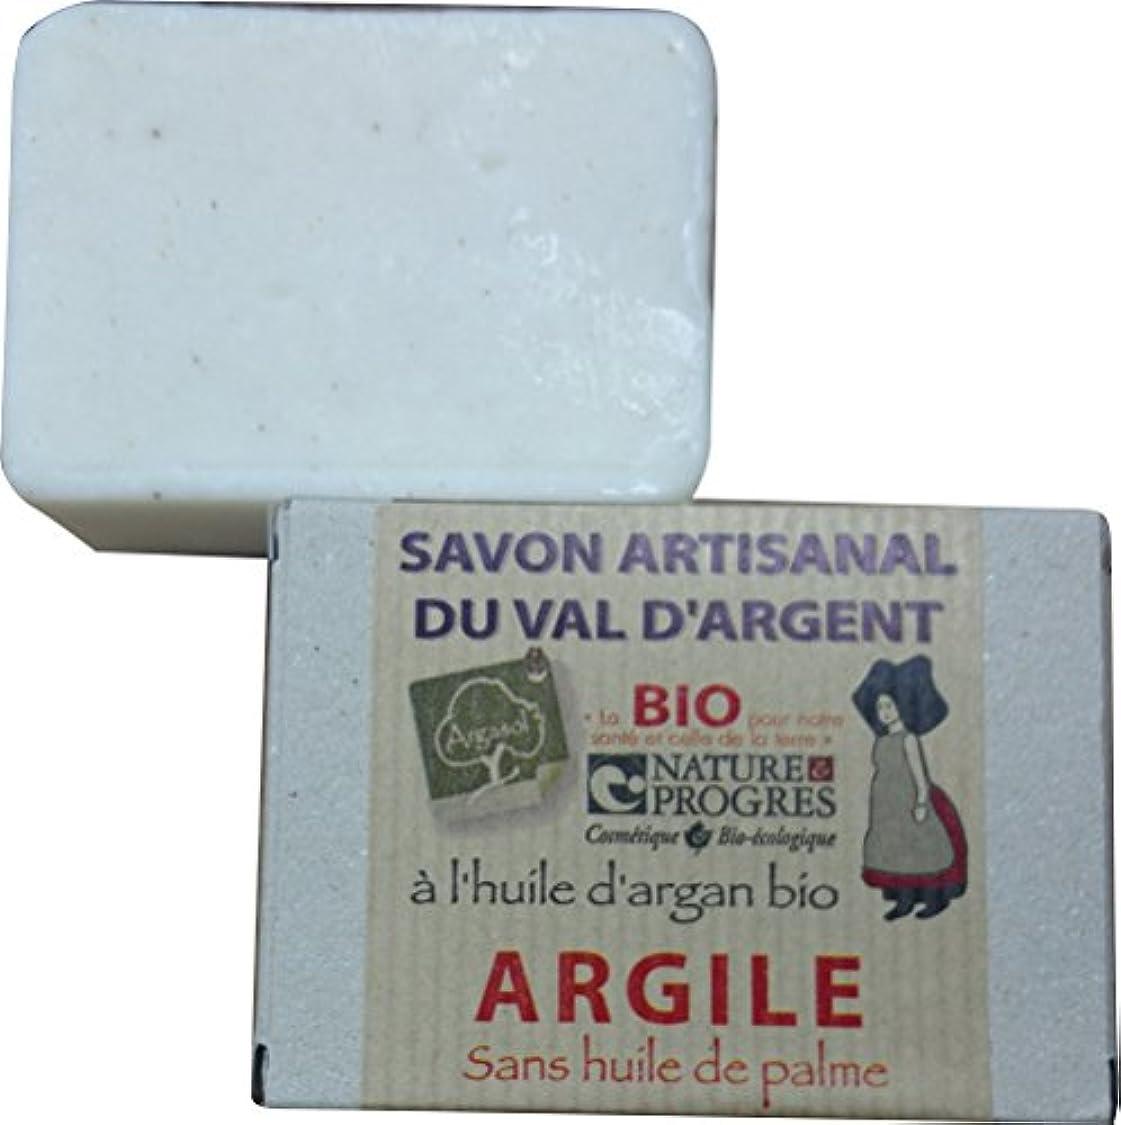 スラムくまシティサボン アルガソル(SAVON ARGASOL) クレイ